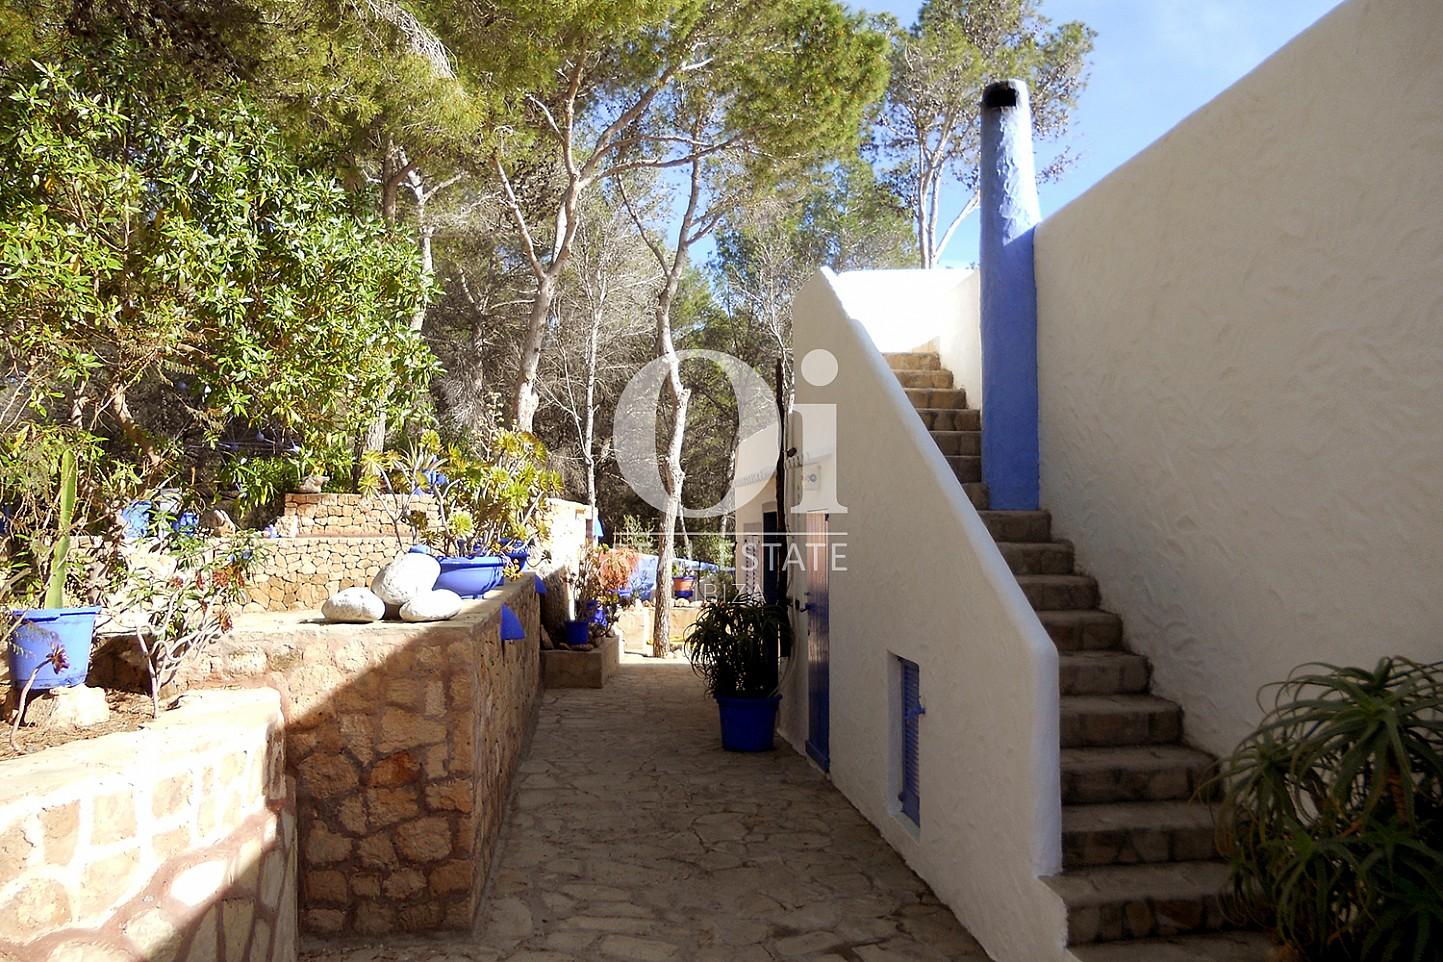 Escaliers de maison en vente à Punta Galera, Ibiza